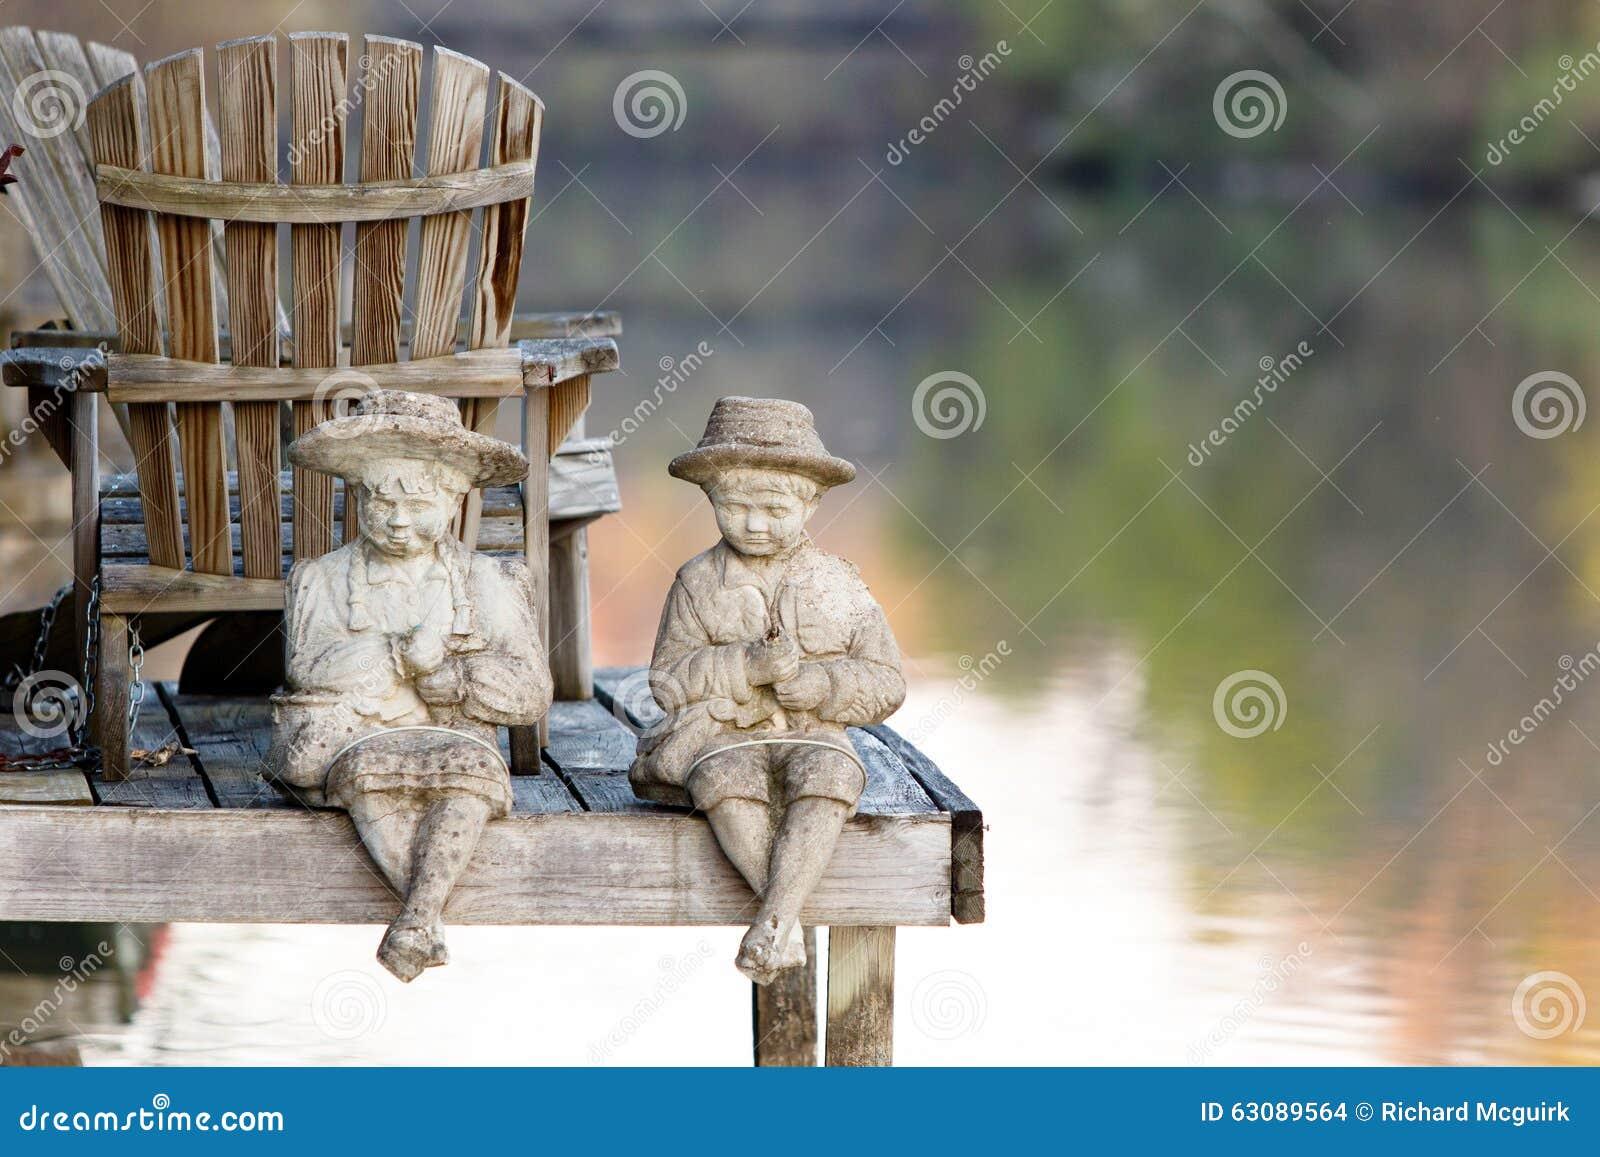 Download Statues par le canal photo stock. Image du figurine, figurines - 63089564